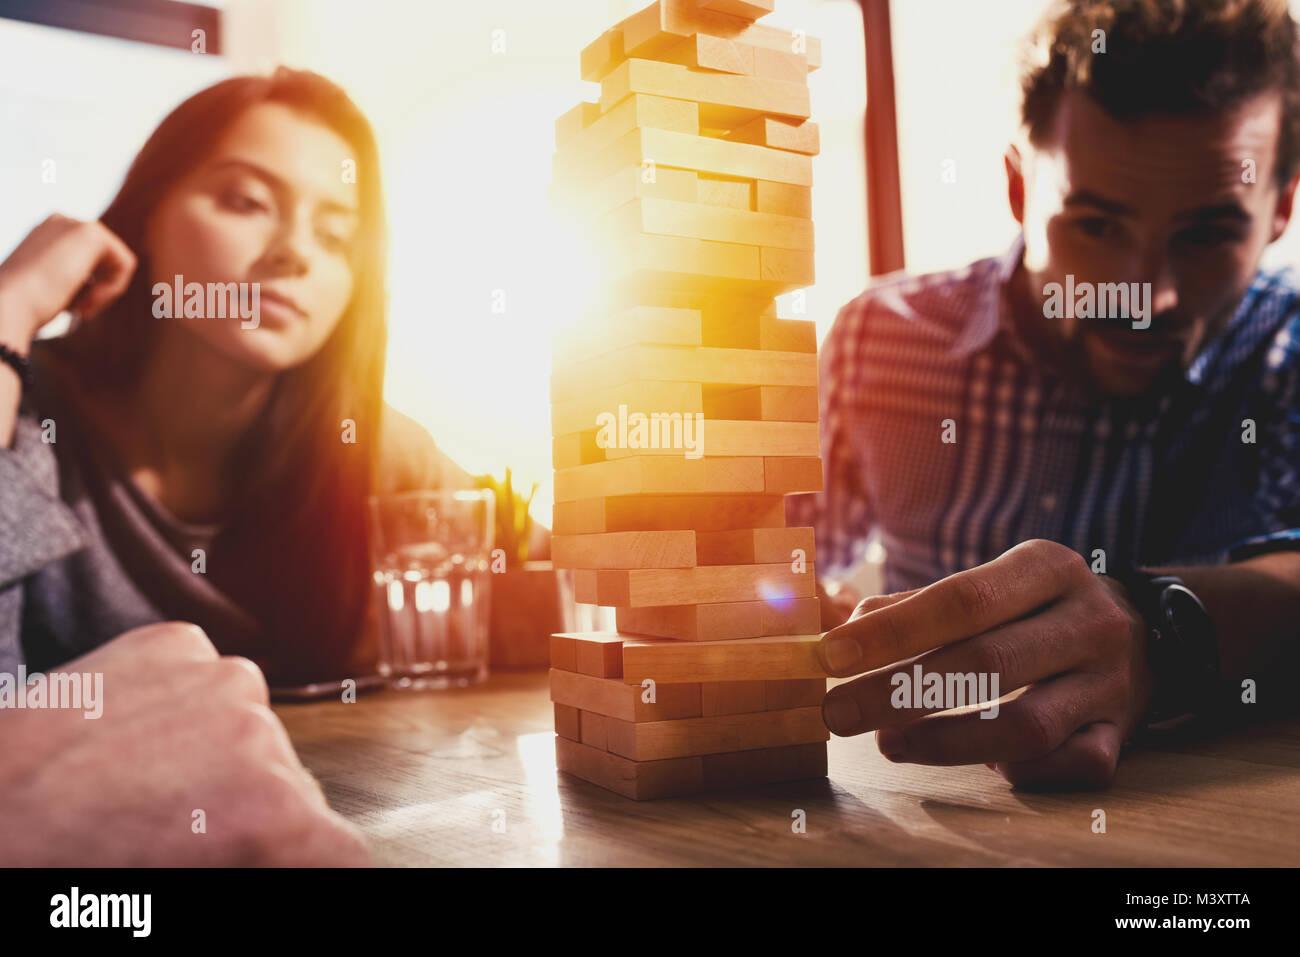 Team von Business Menschen bauen eine Holzkonstruktion. Konzept der Teamarbeit, Partnerschaft und Unternehmensgründung Stockbild